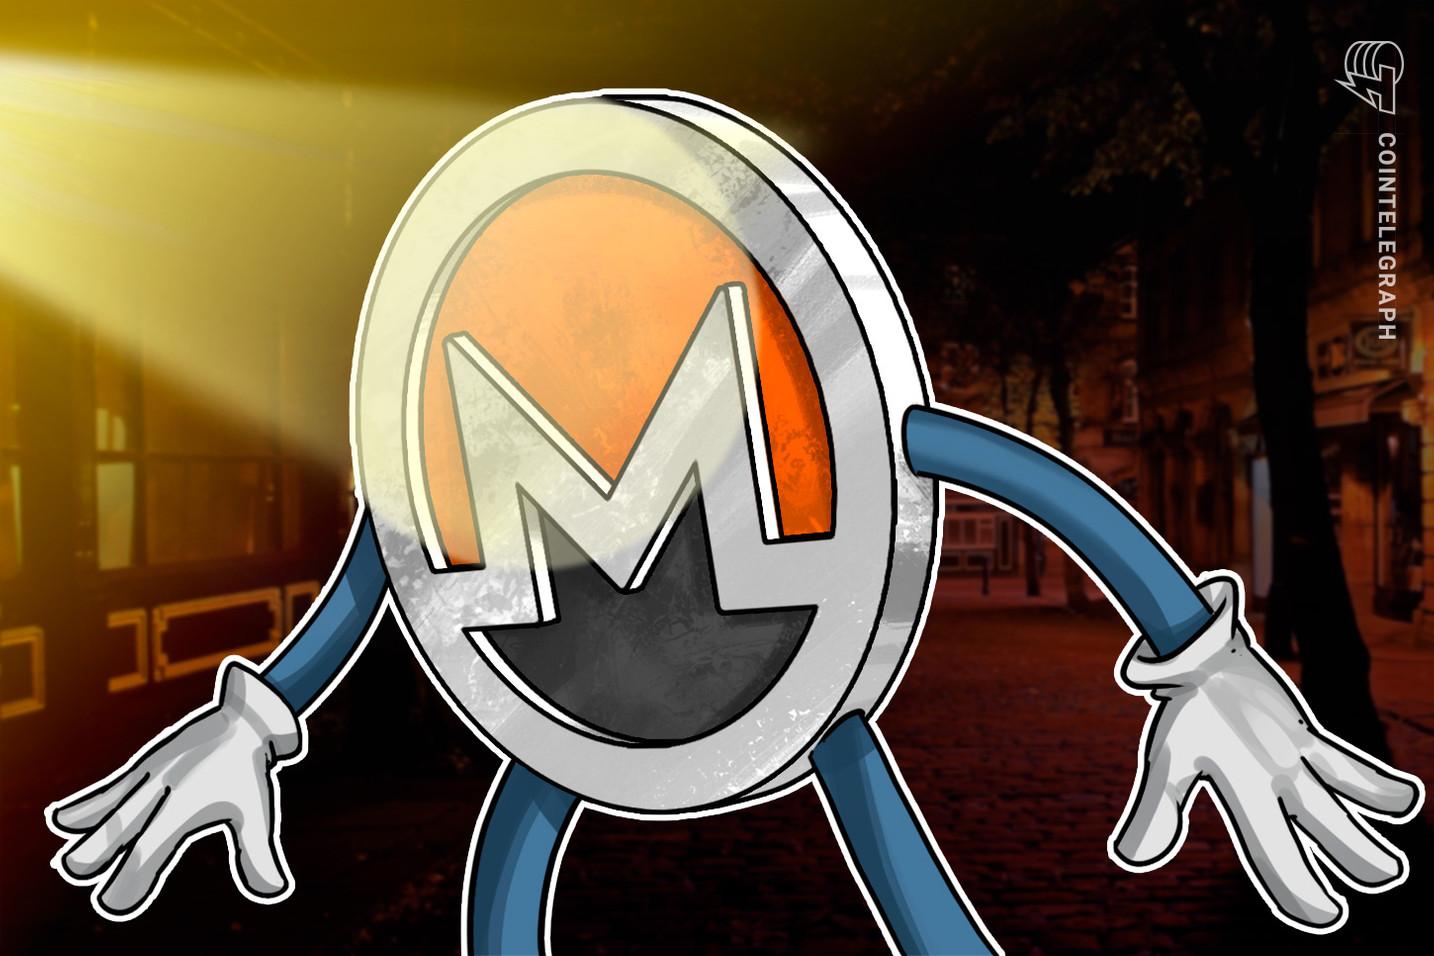 Sviluppatori di Monero lanciano un importante aggiornamento del network